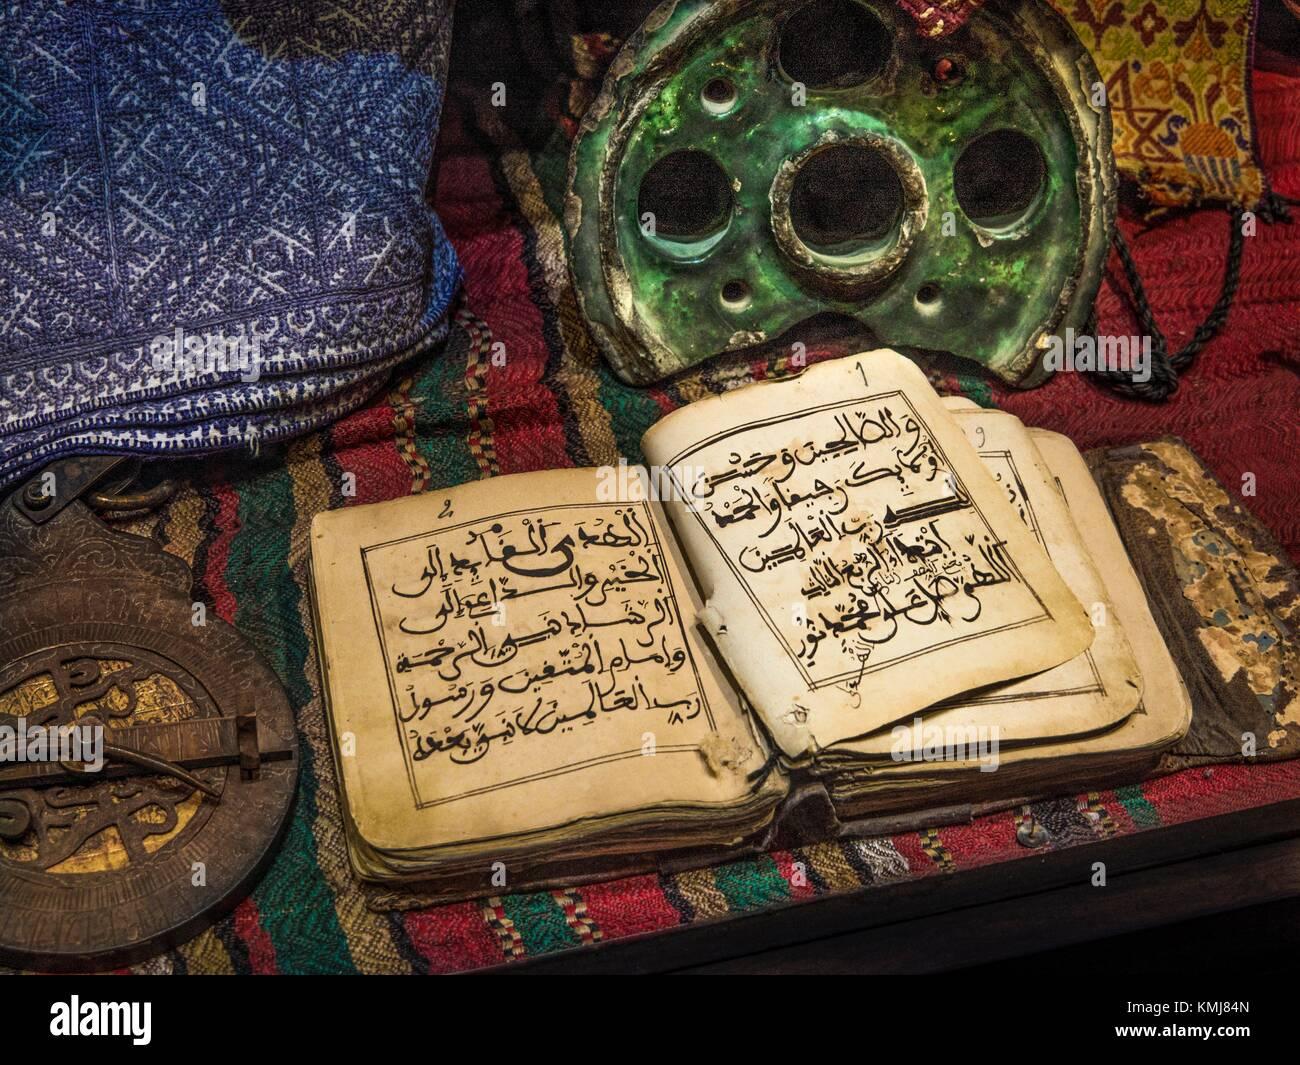 Marruecos, Fes, libro religioso antiguo, del siglo XVIII, un astrolabio, una caja de tinta, y algunos viejos pedazos Imagen De Stock